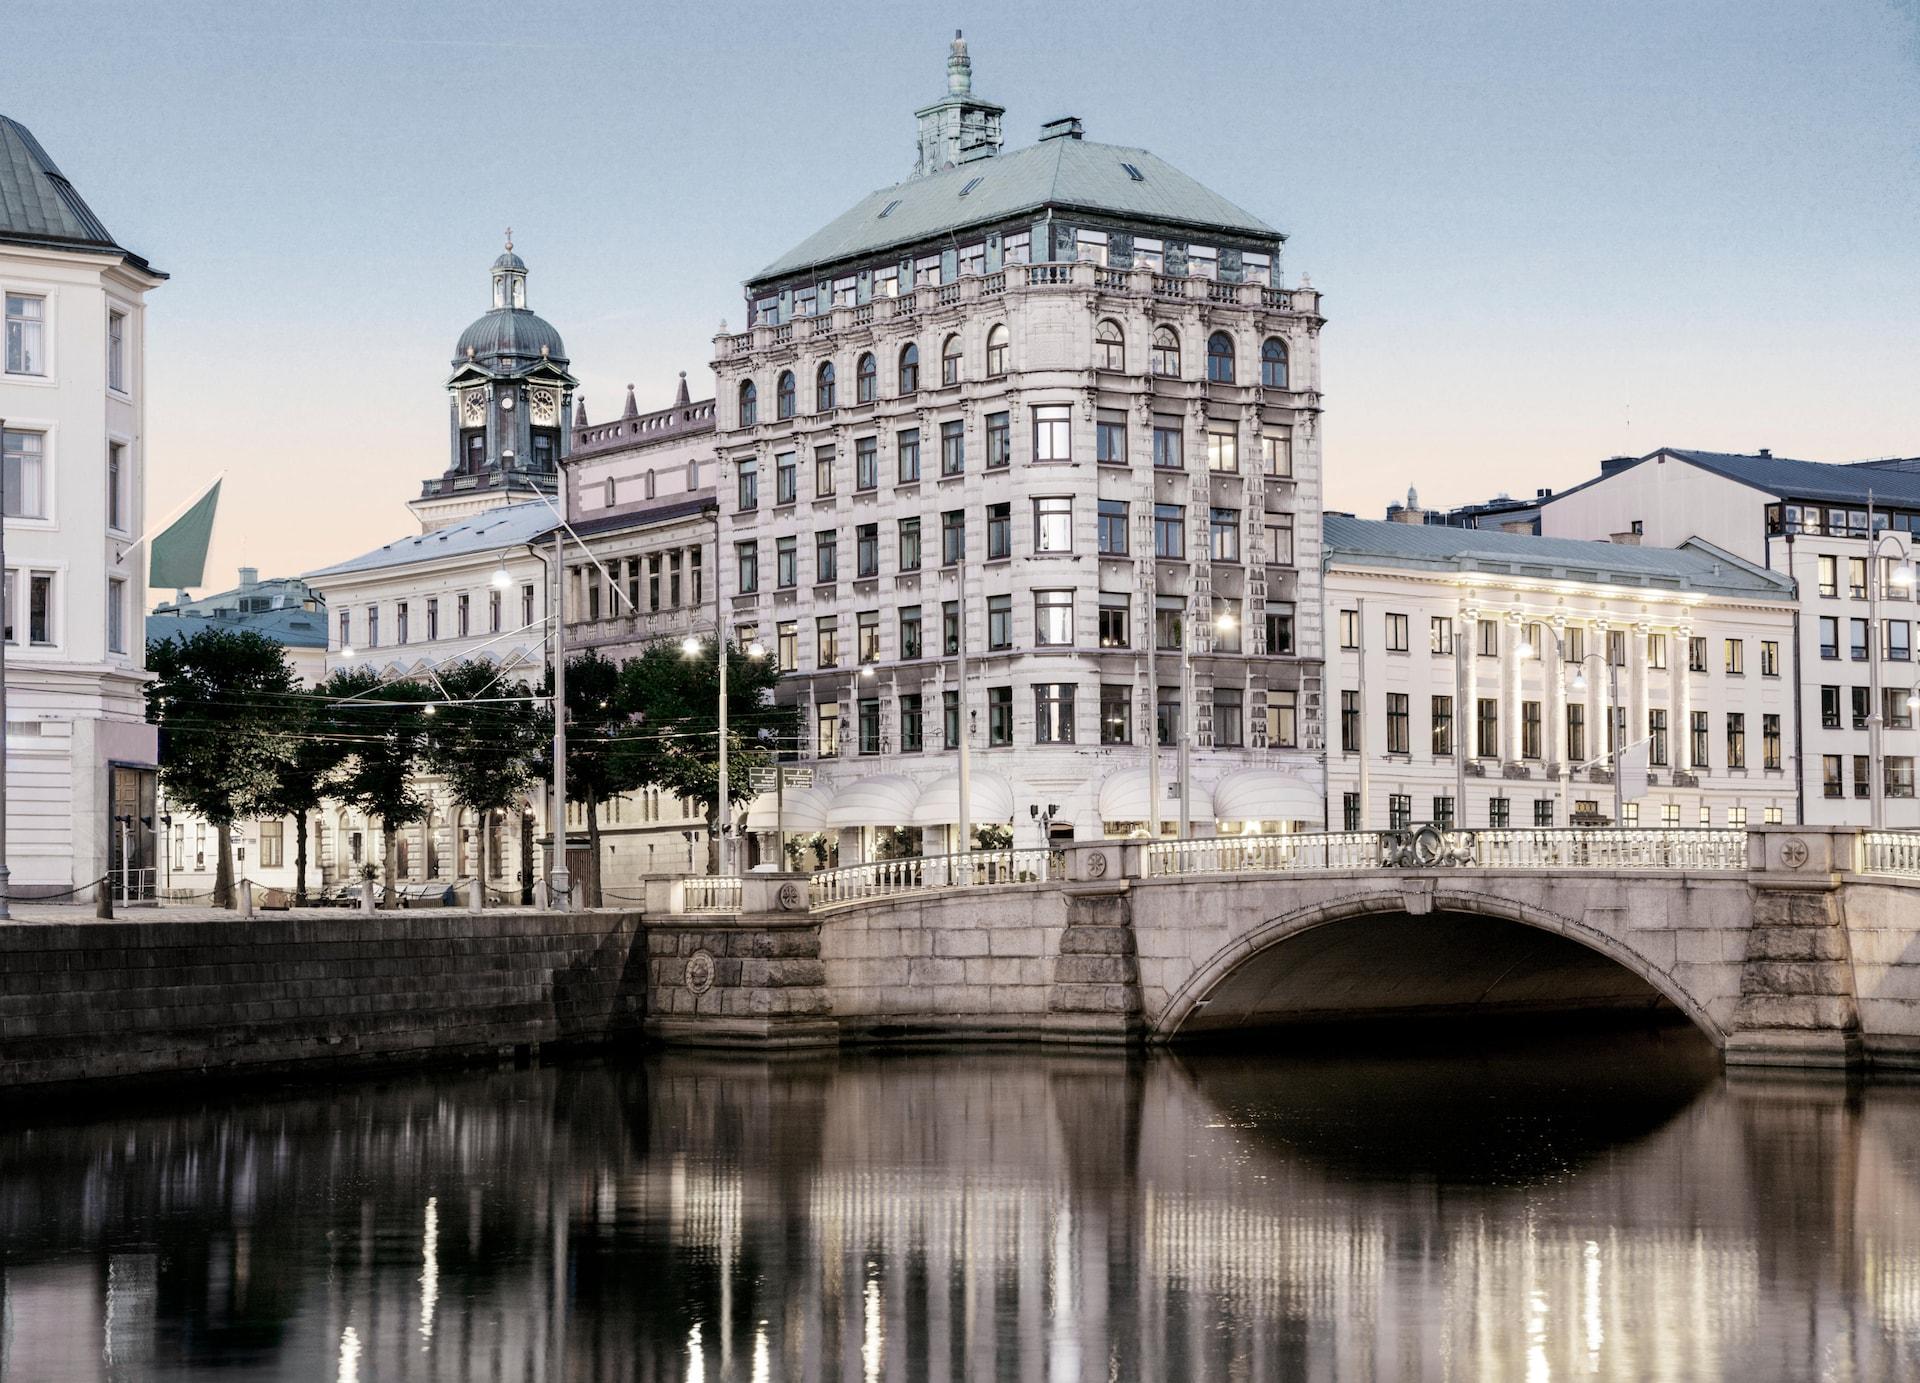 Lively Göteborg